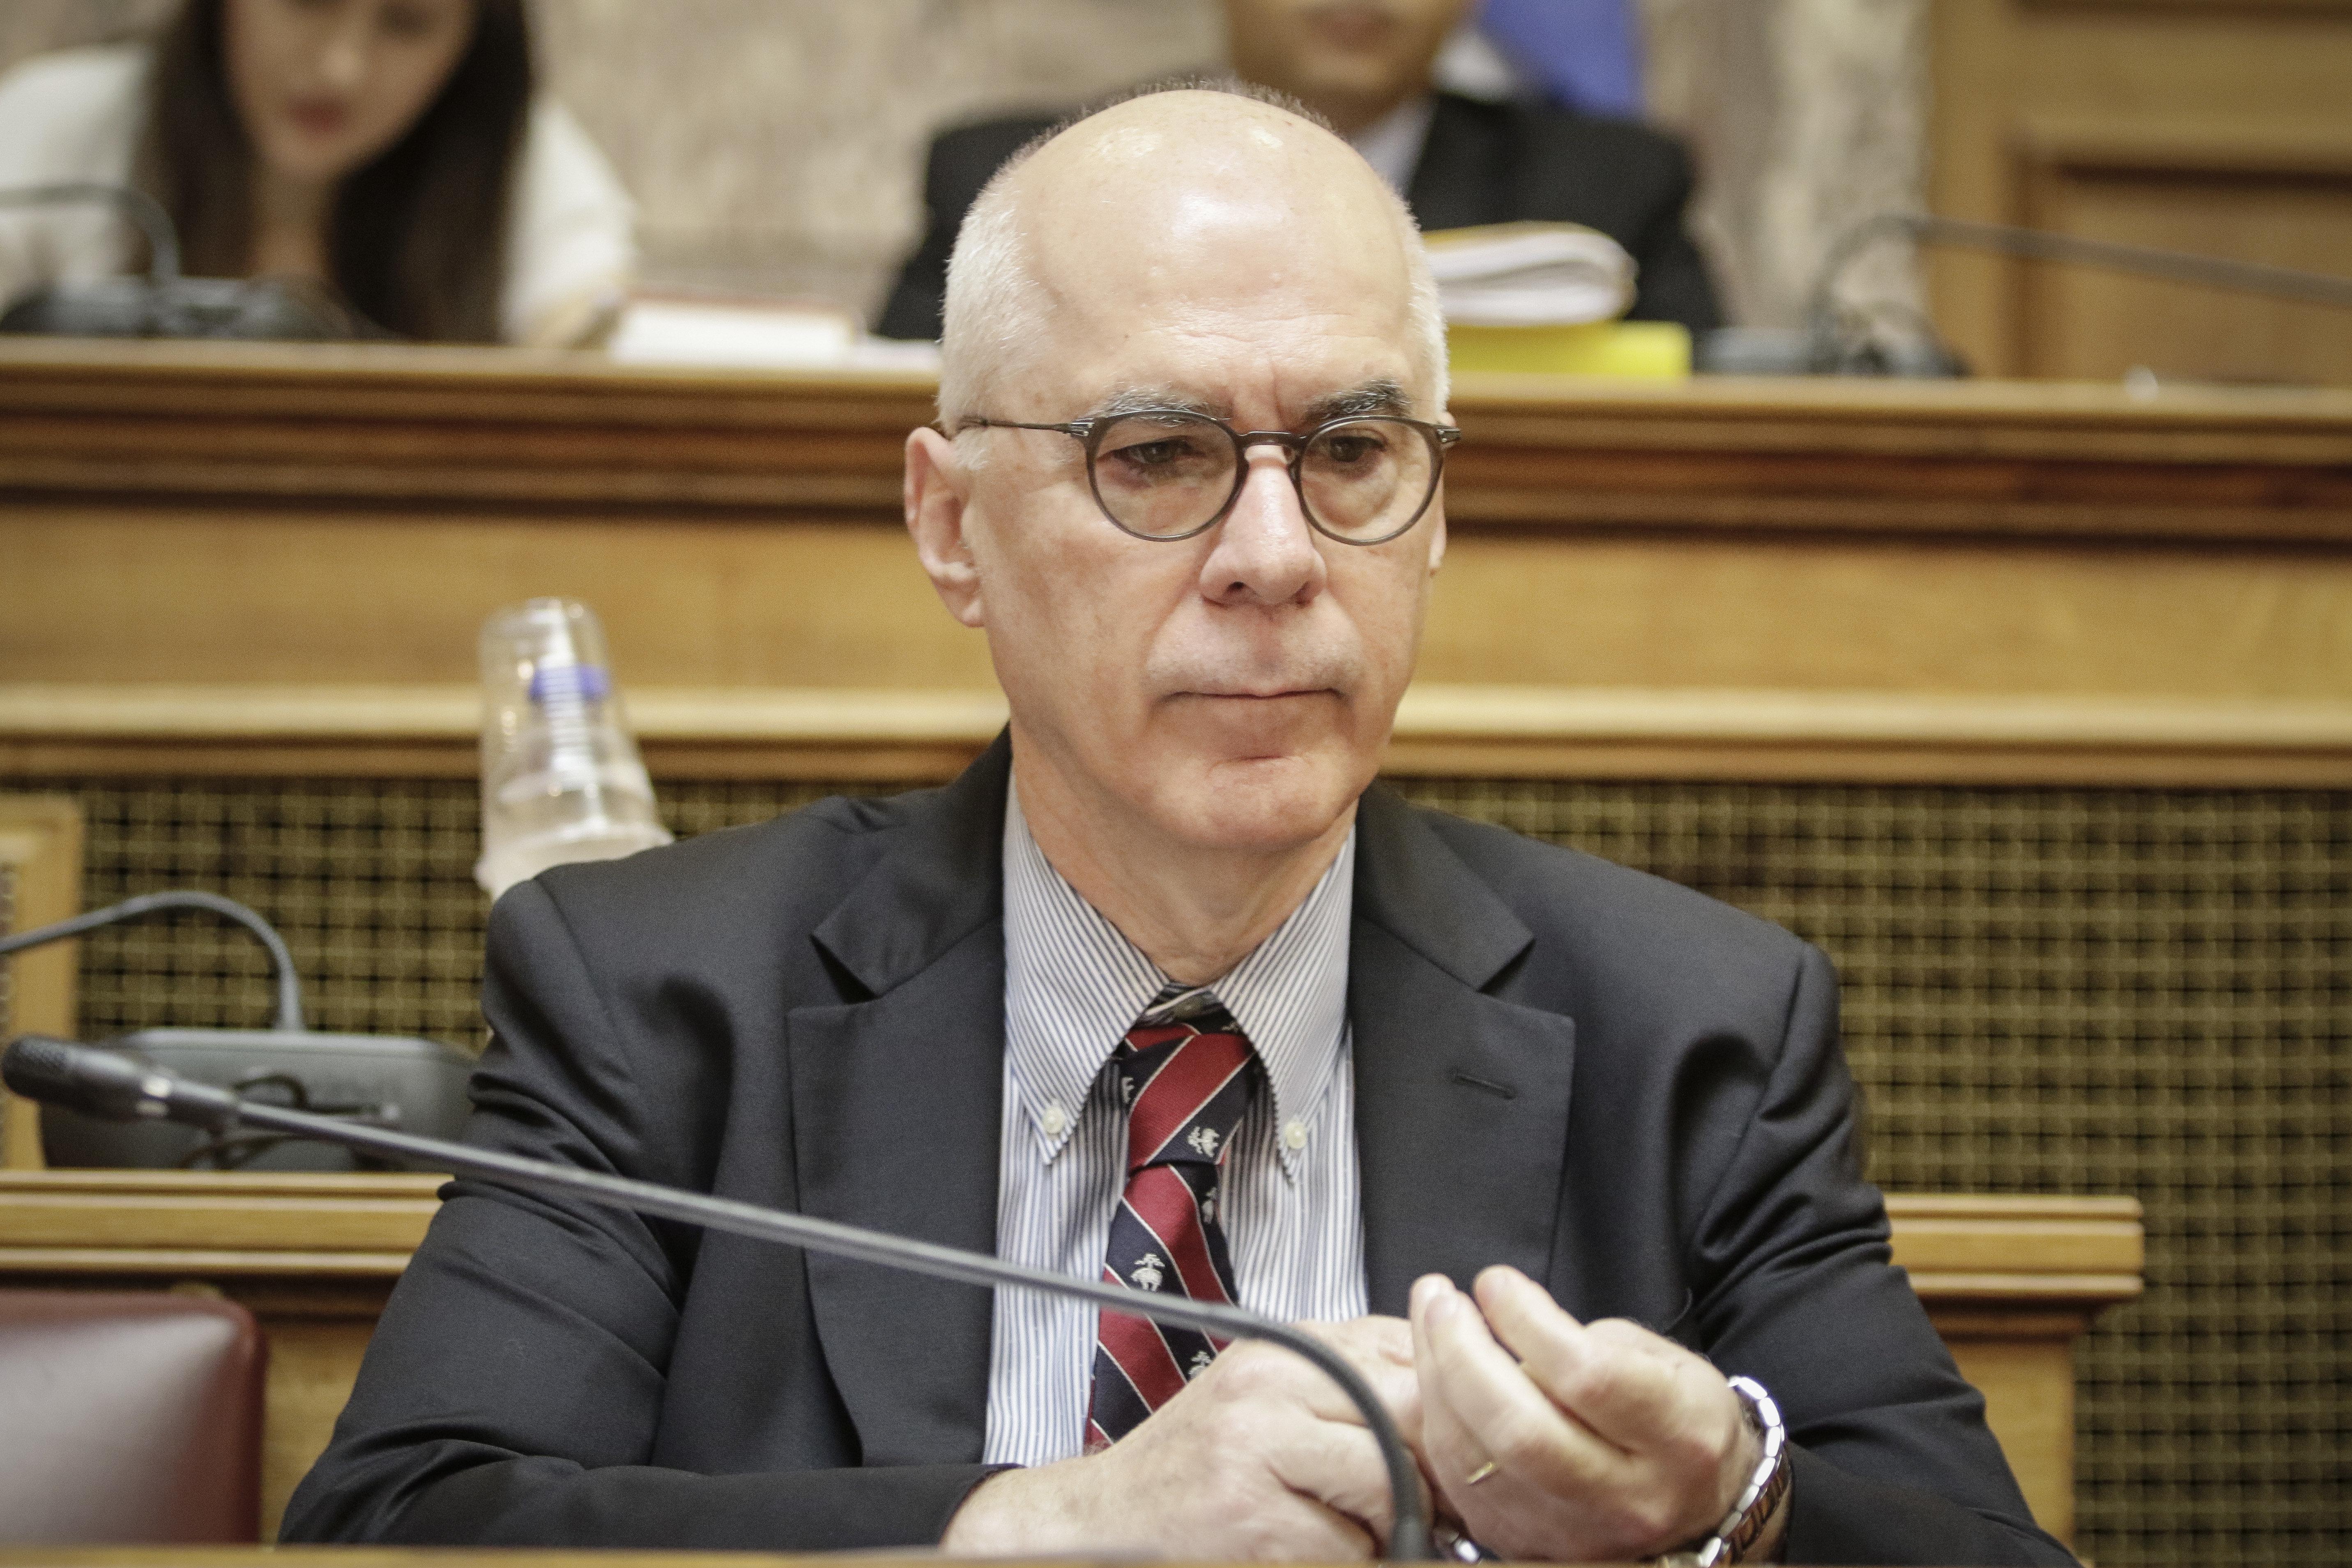 Ψαλιδόπουλος: Πιθανή η αποχώρηση του ΔΝΤ από το ελληνικό